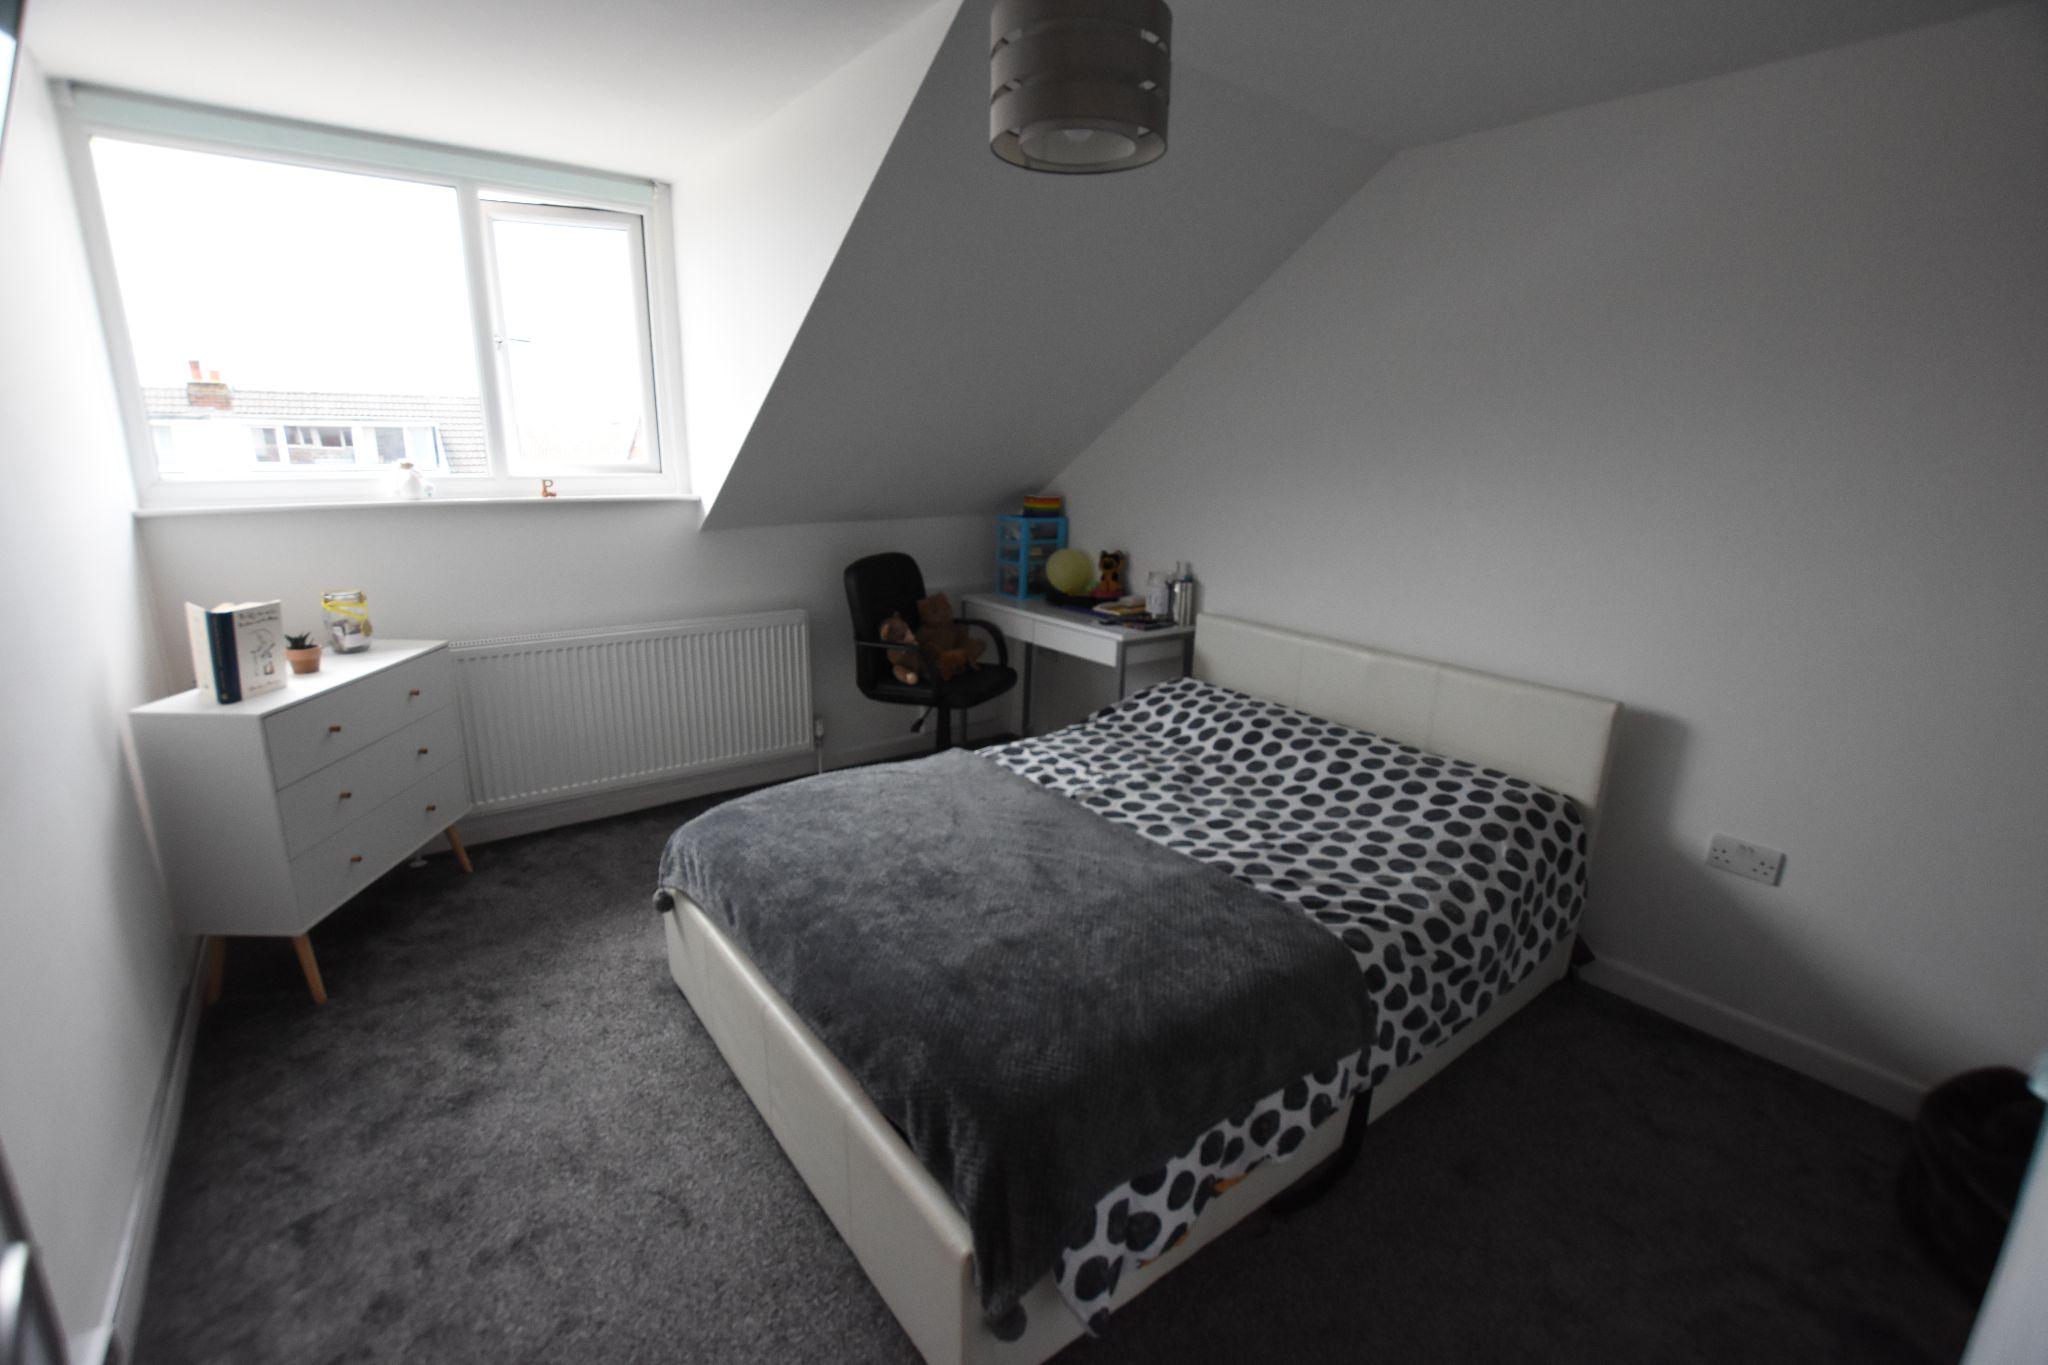 4 bedroom semi-detached bungalow Sold STC in Preston - Bedroom 2